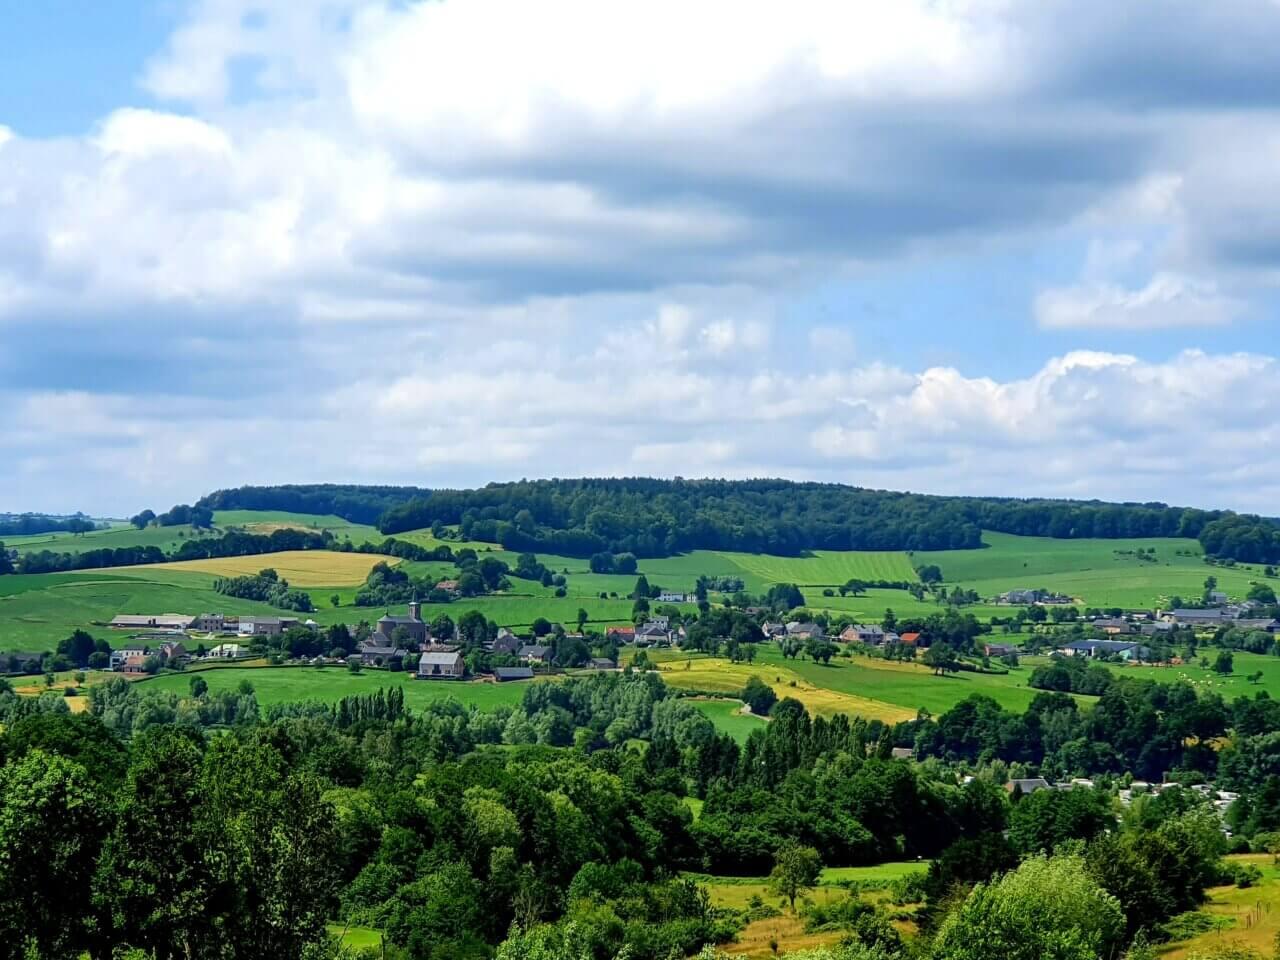 Uitzocht over een vallei nabij Epen, Zuid-Limburg.